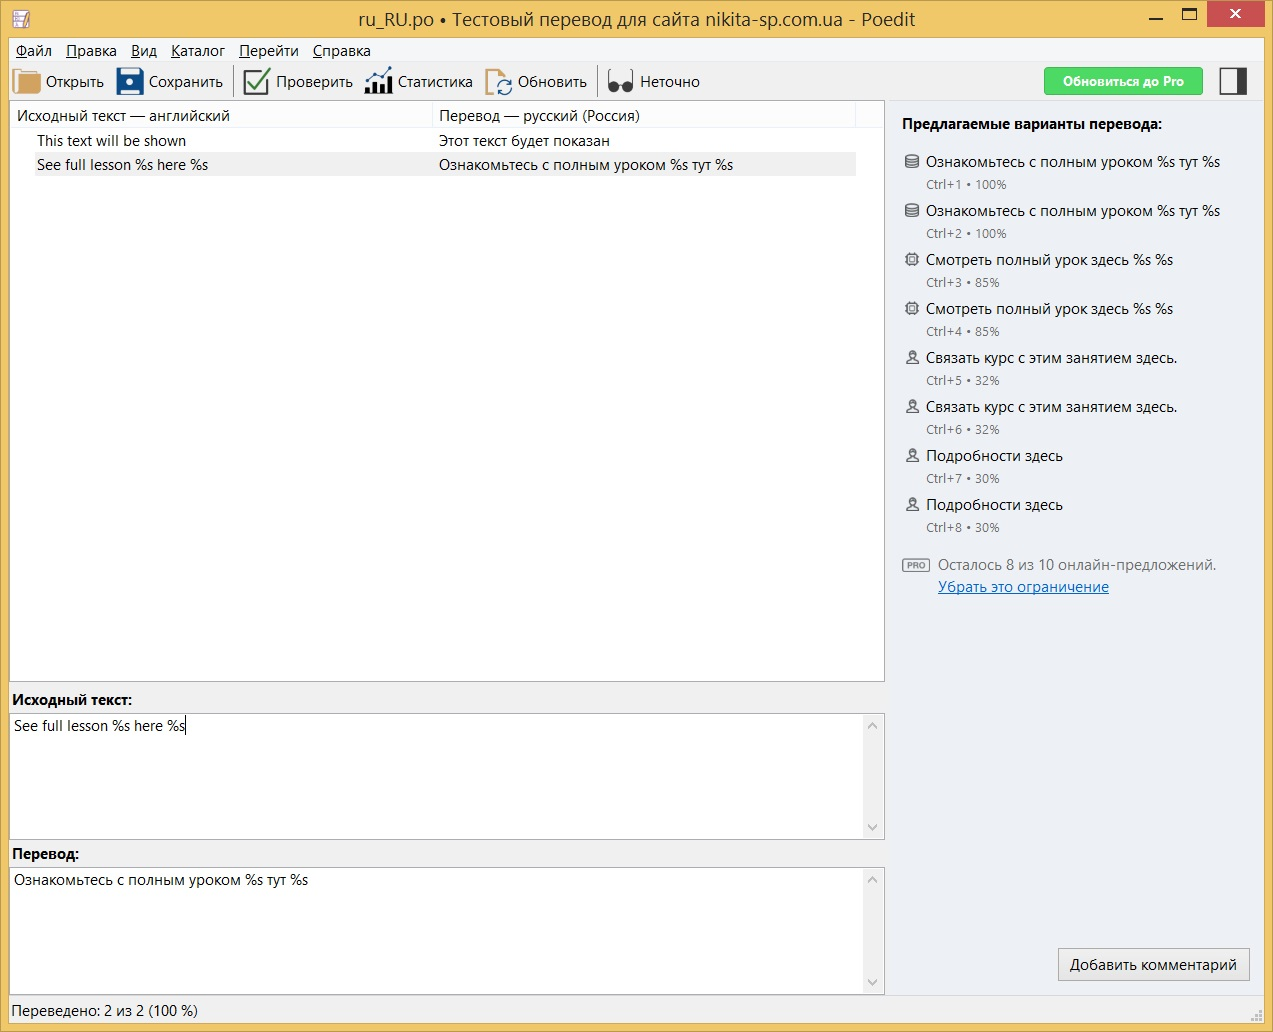 Локализация WordPress с помощью Poedit - обновление строк - перевели строки